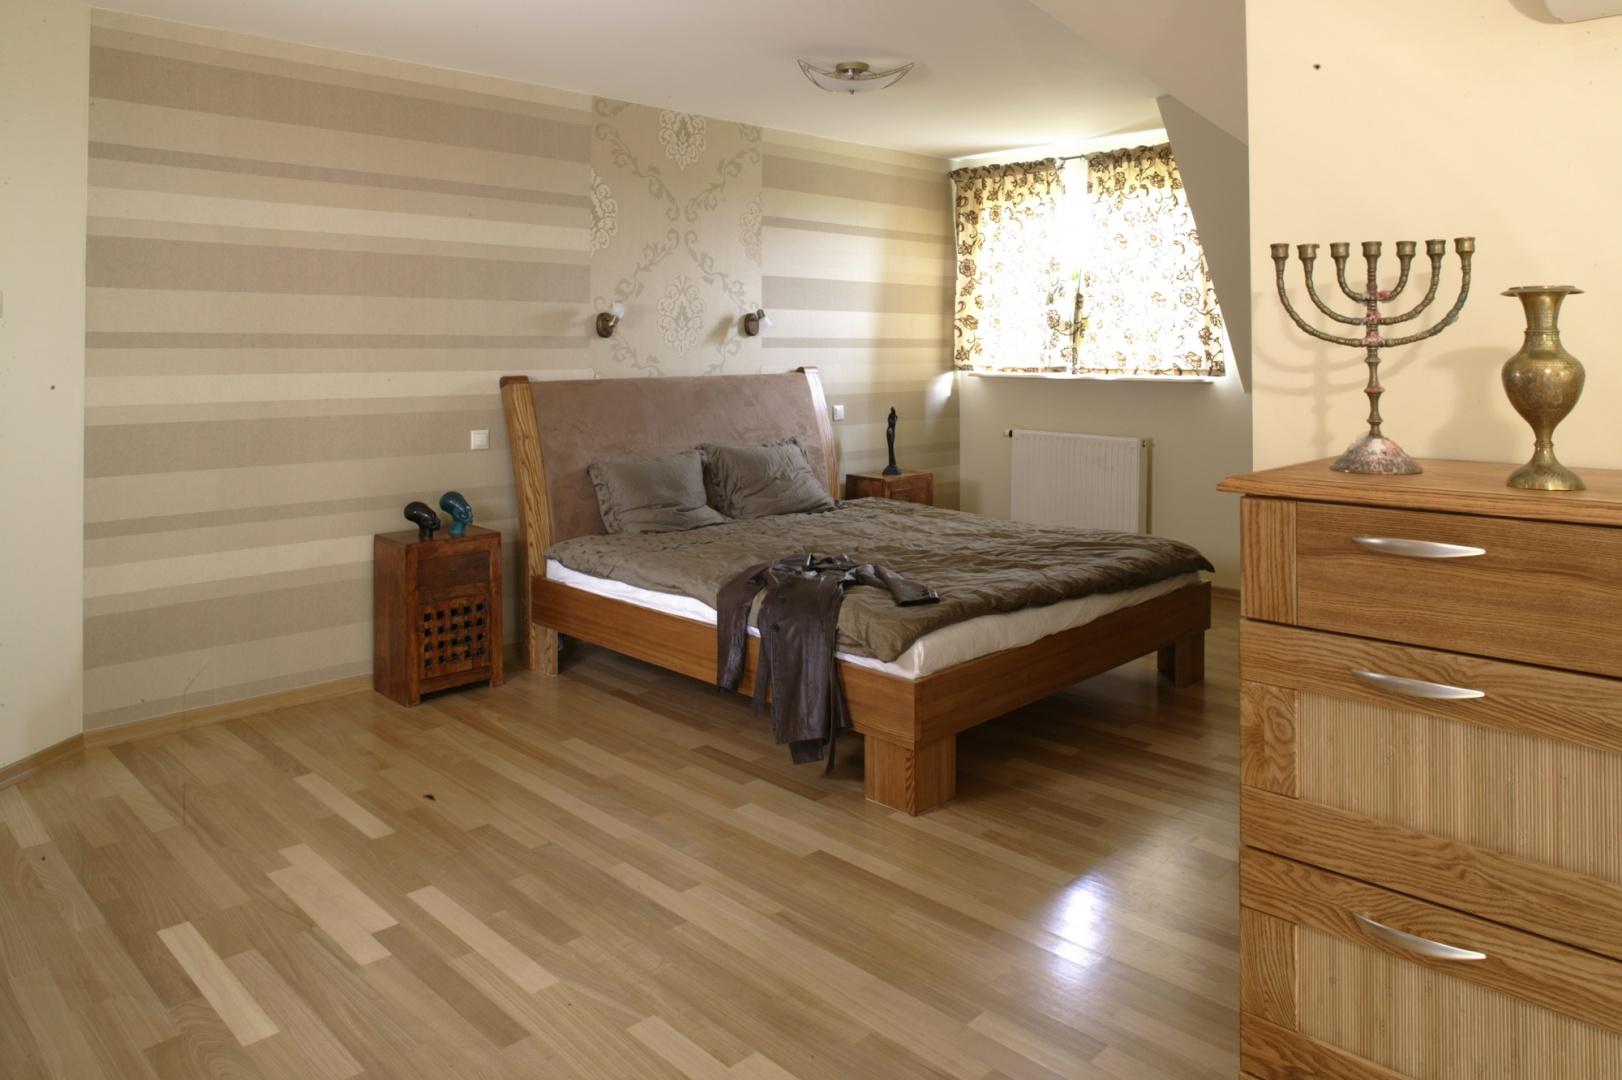 Ściana za łóżkiem ma charakter dekoracyjny. Pokrywają ją dwa rodzaje tapet (Art Funk) w tych samych odcieniach brązu i beżu, ale zróżnicowanych pod względem deseni – poziome pasy i barokowy ornament. Fot. Monika Filipiuk.